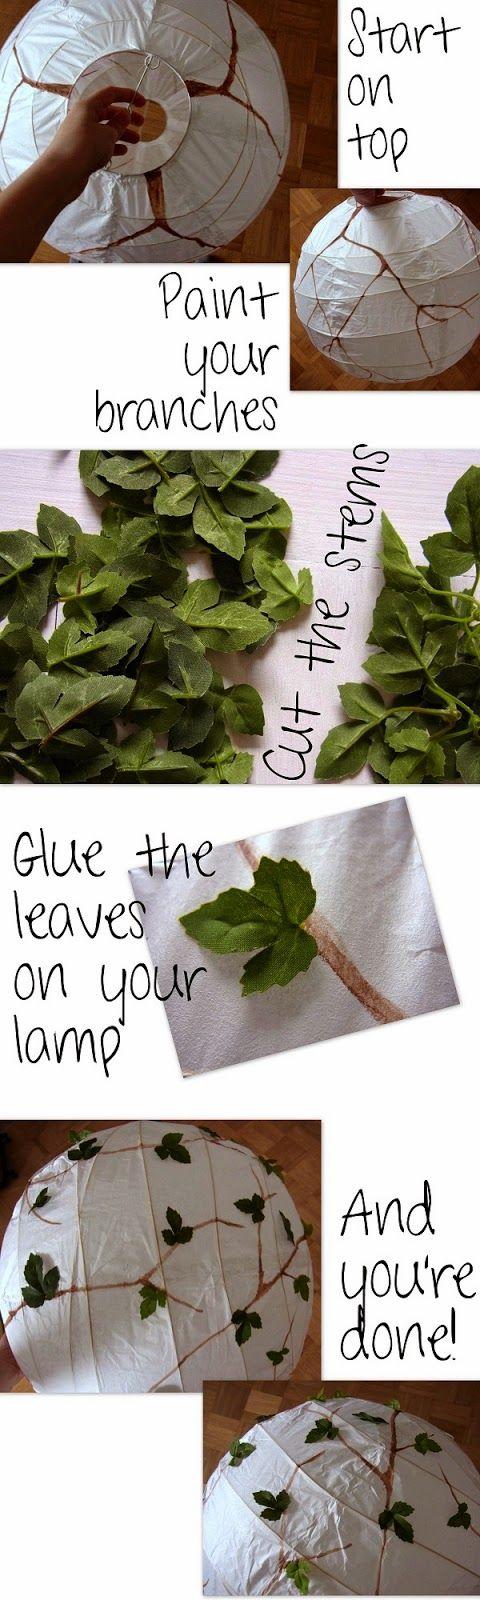 Die besten 25 ikea papierlampe ideen auf pinterest ikea lampe papier lampe papier und - Papierlampe kinderzimmer ...